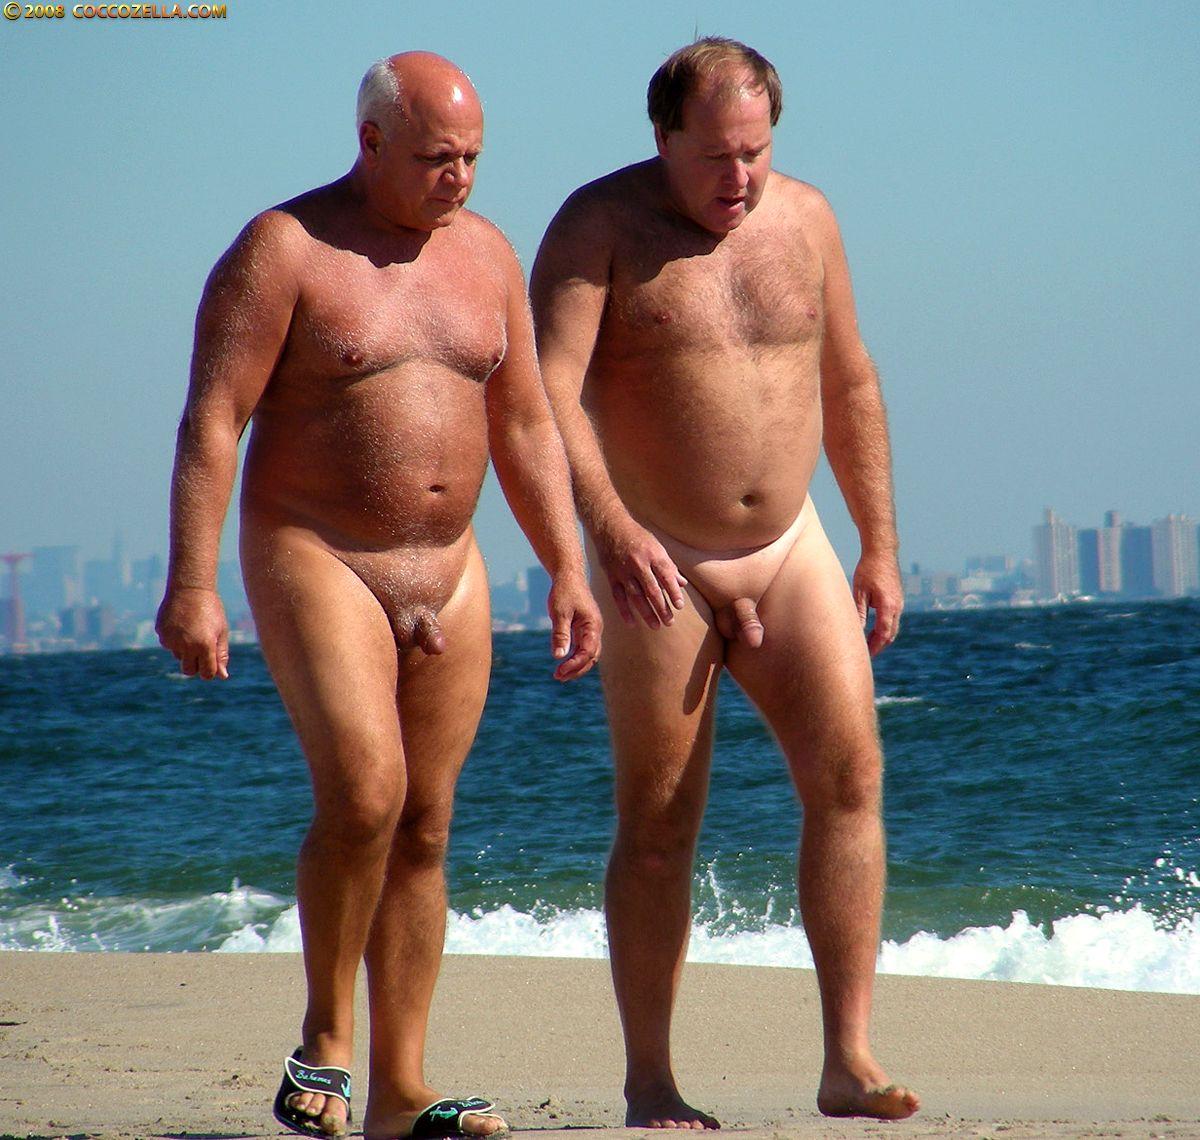 Homens Gays Coroas Peludos E Pirocudos Free Download And Review